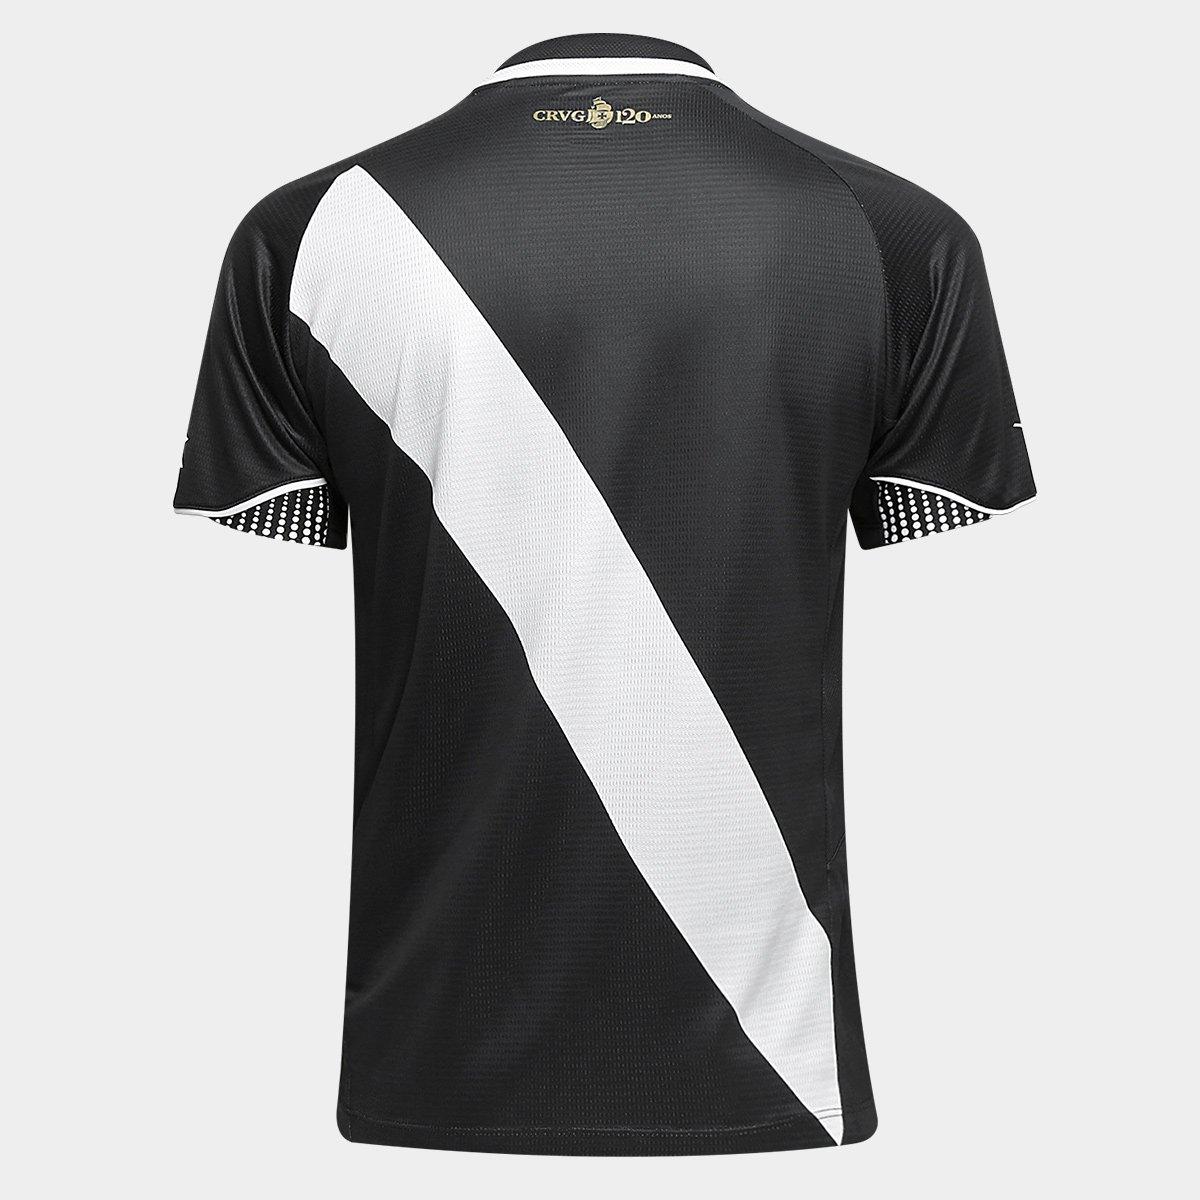 Camisa Vasco I 2018 s n° - Torcedor Diadora Masculina  508ef5b804a62